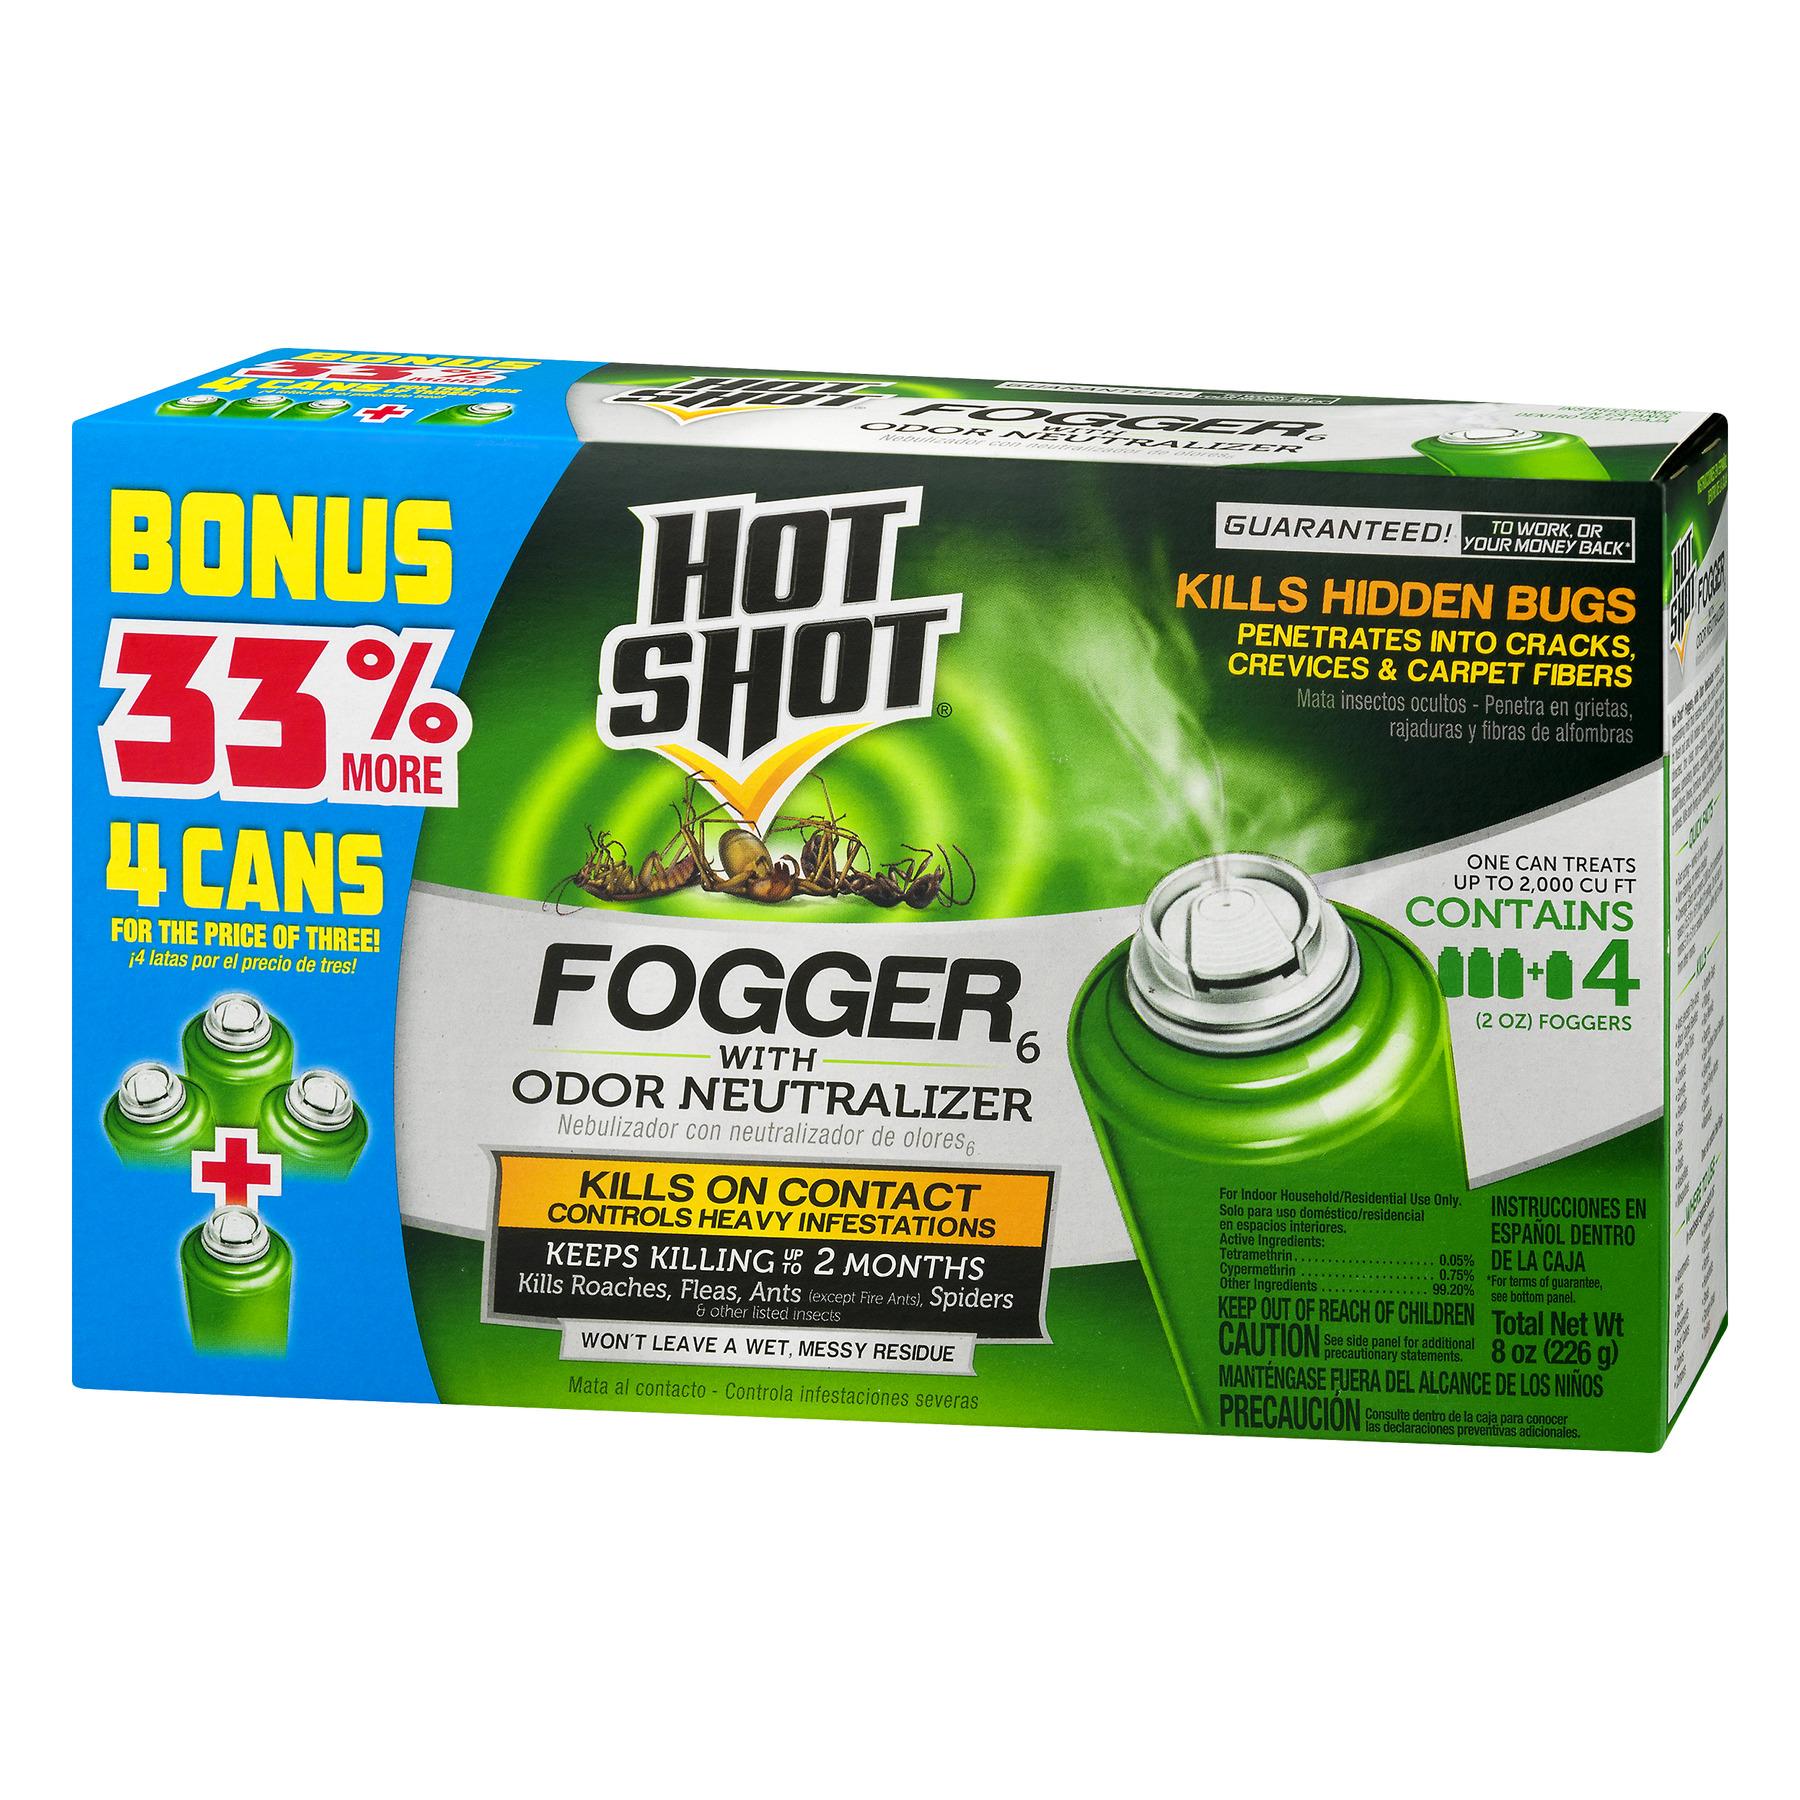 Hot Shot Fogger with Odor Neutralizer Bonus Pack, 2-Ounce - Walmart.com